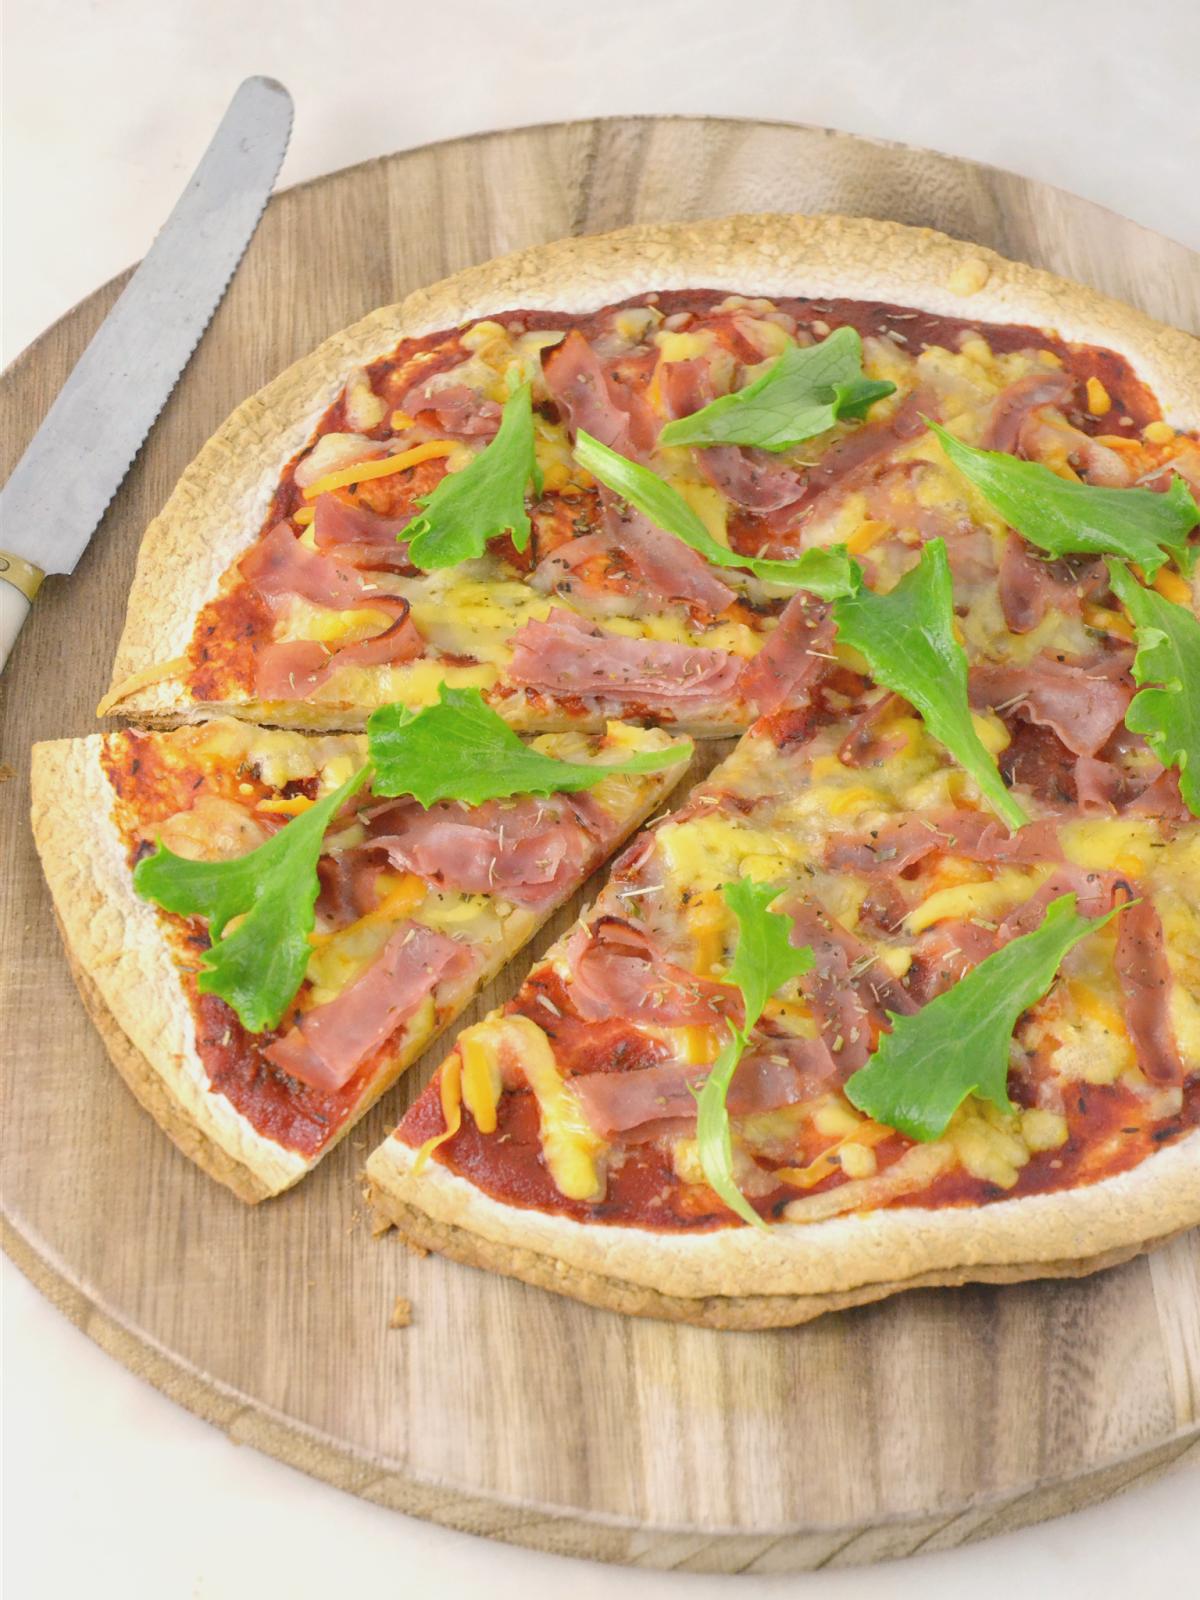 Fajipizza. Pizza con base de tortillas de trigo